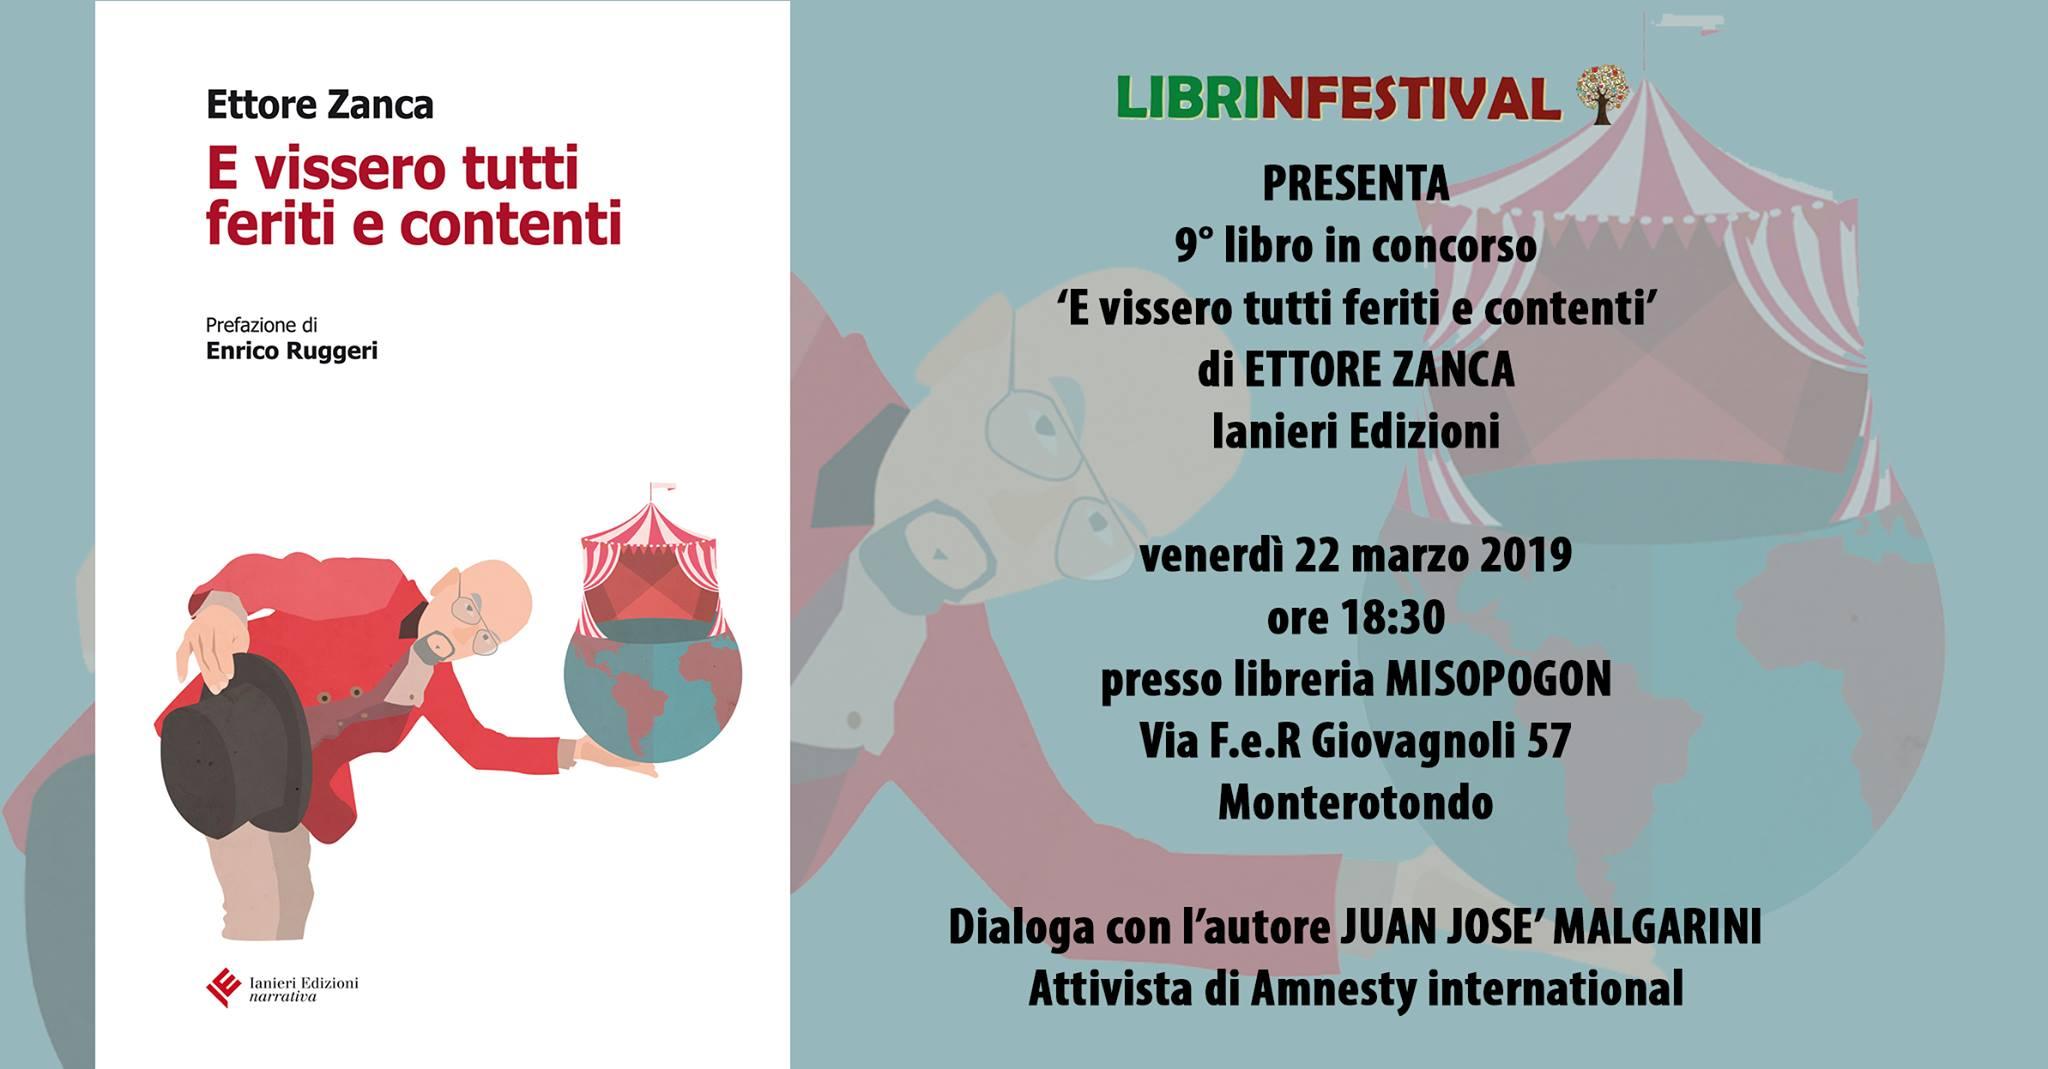 E vissero tutti feriti e contenti, Ettore Zanca, Ianieri Edizioni,#Librinfestival. Libreria Misopogon, Juan José Malgarini